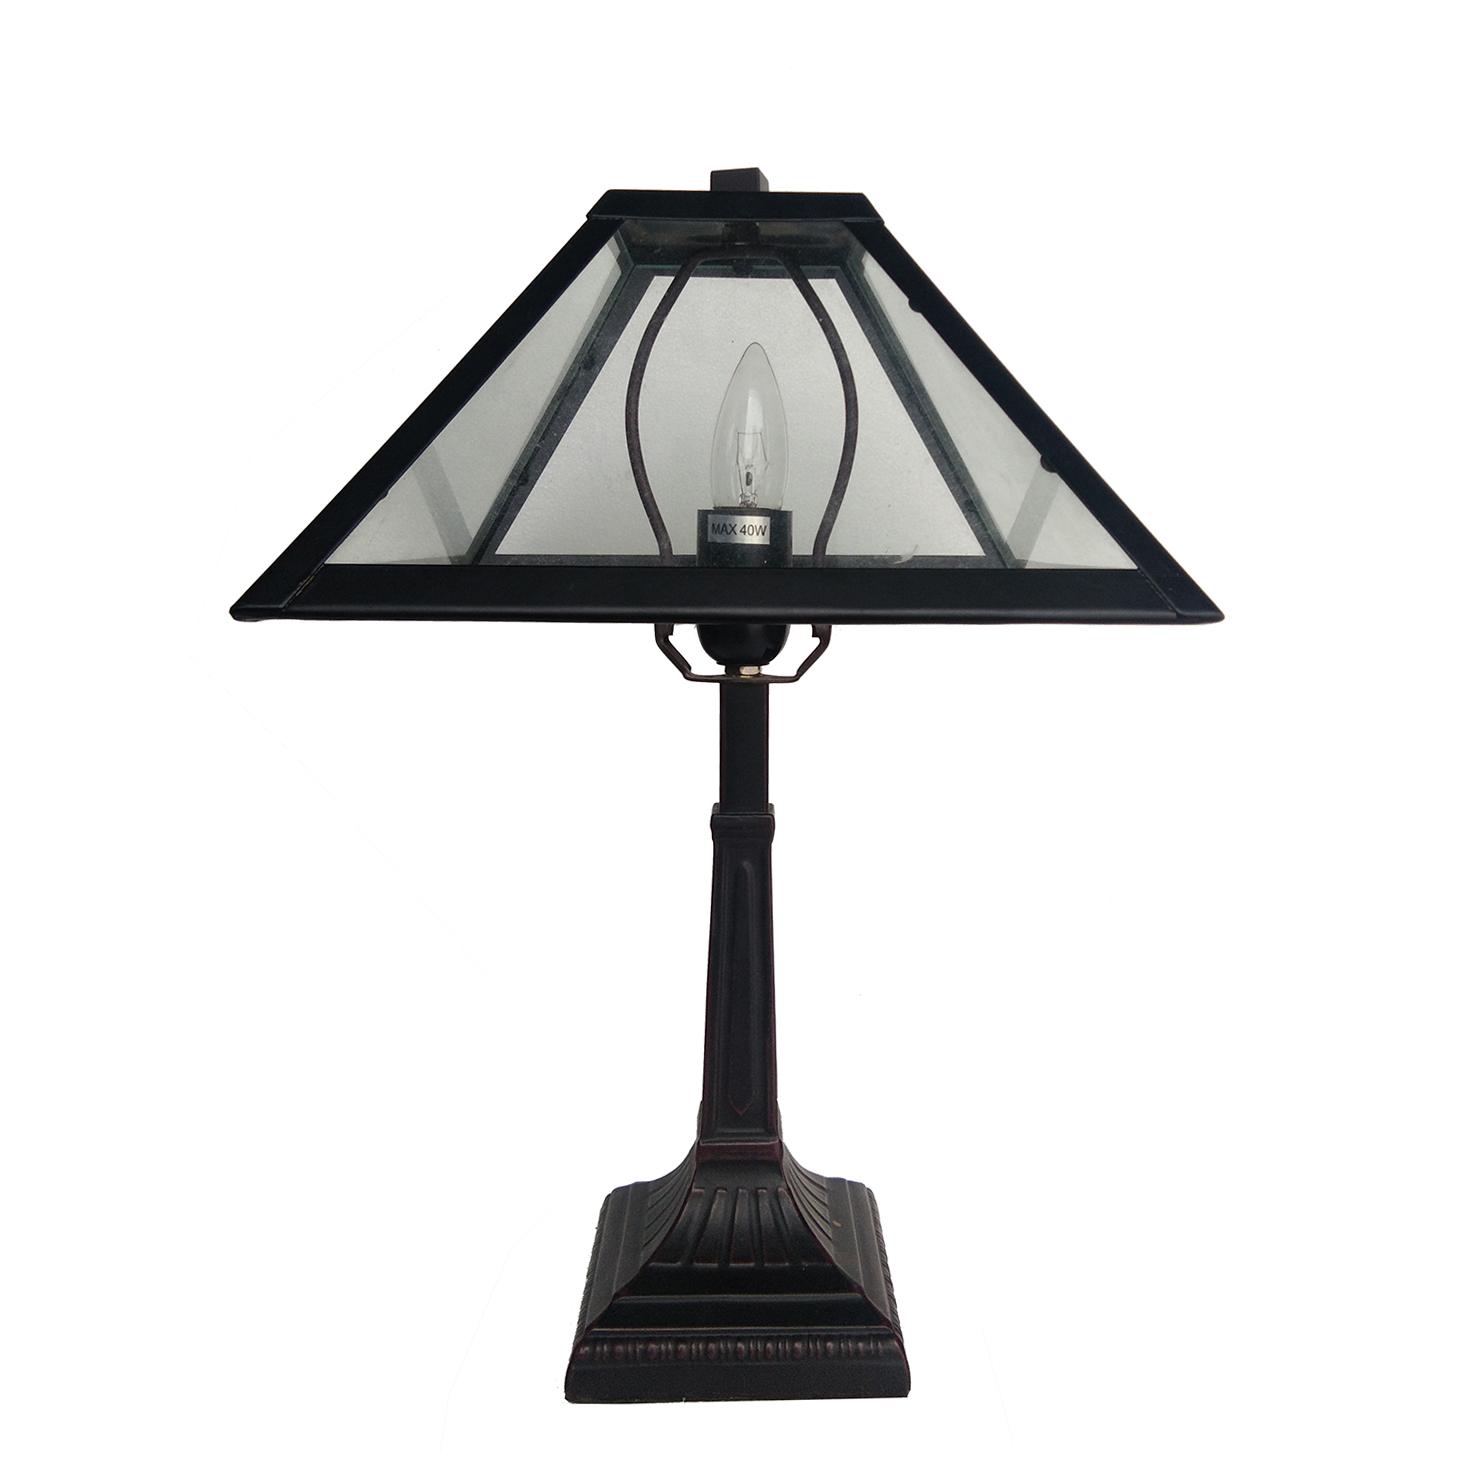 Tablelamp12